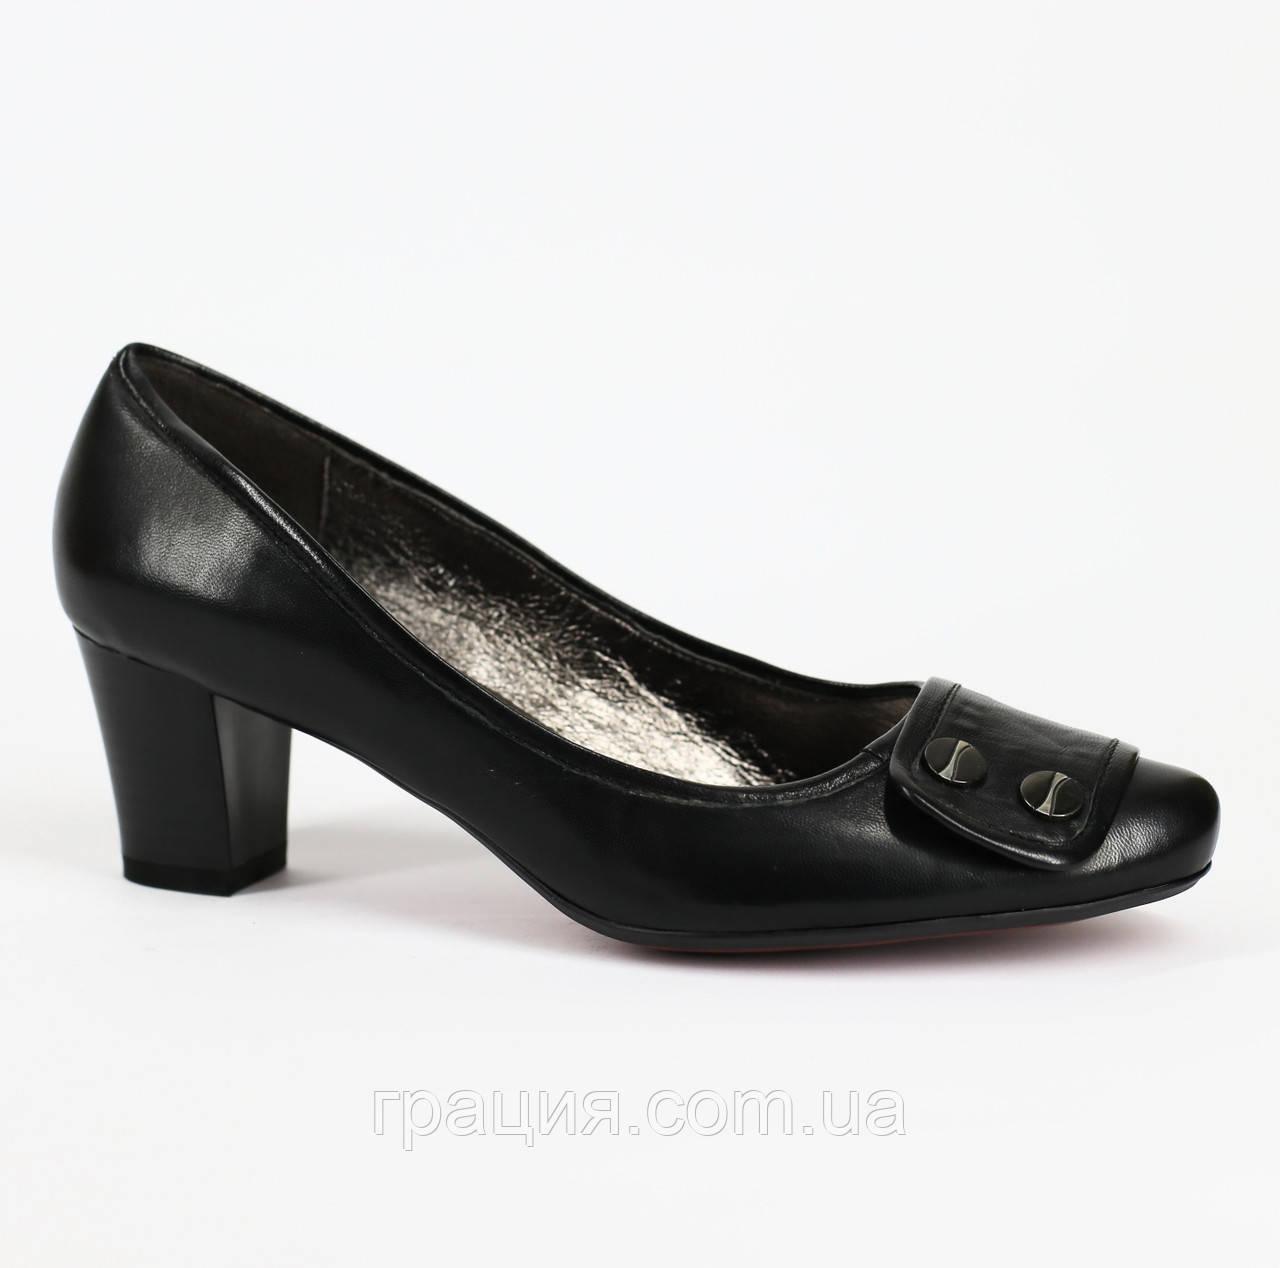 Женские туфли из натуральной кожи на каблуке